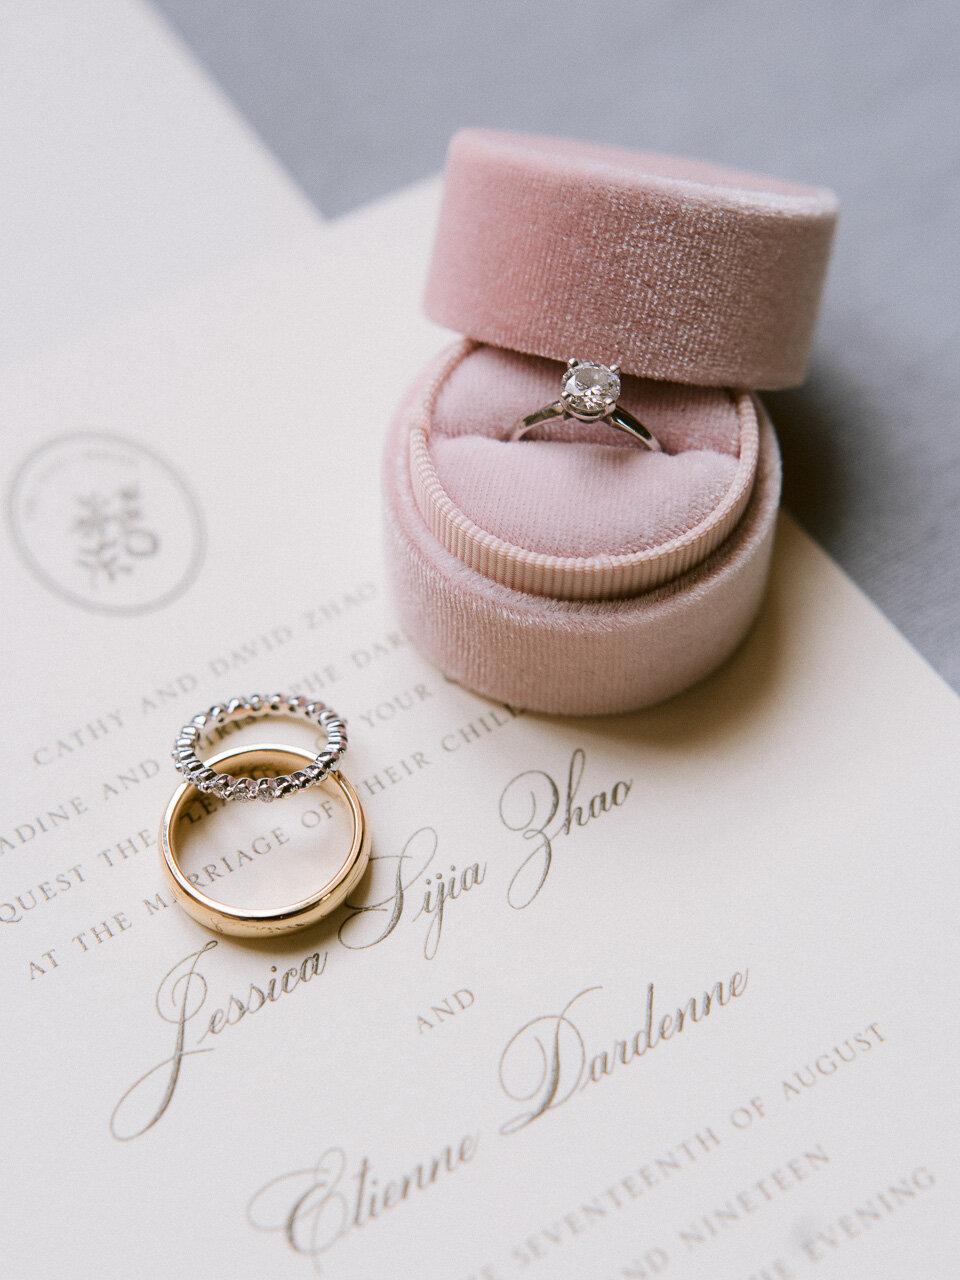 paris-elopement-details.jpg